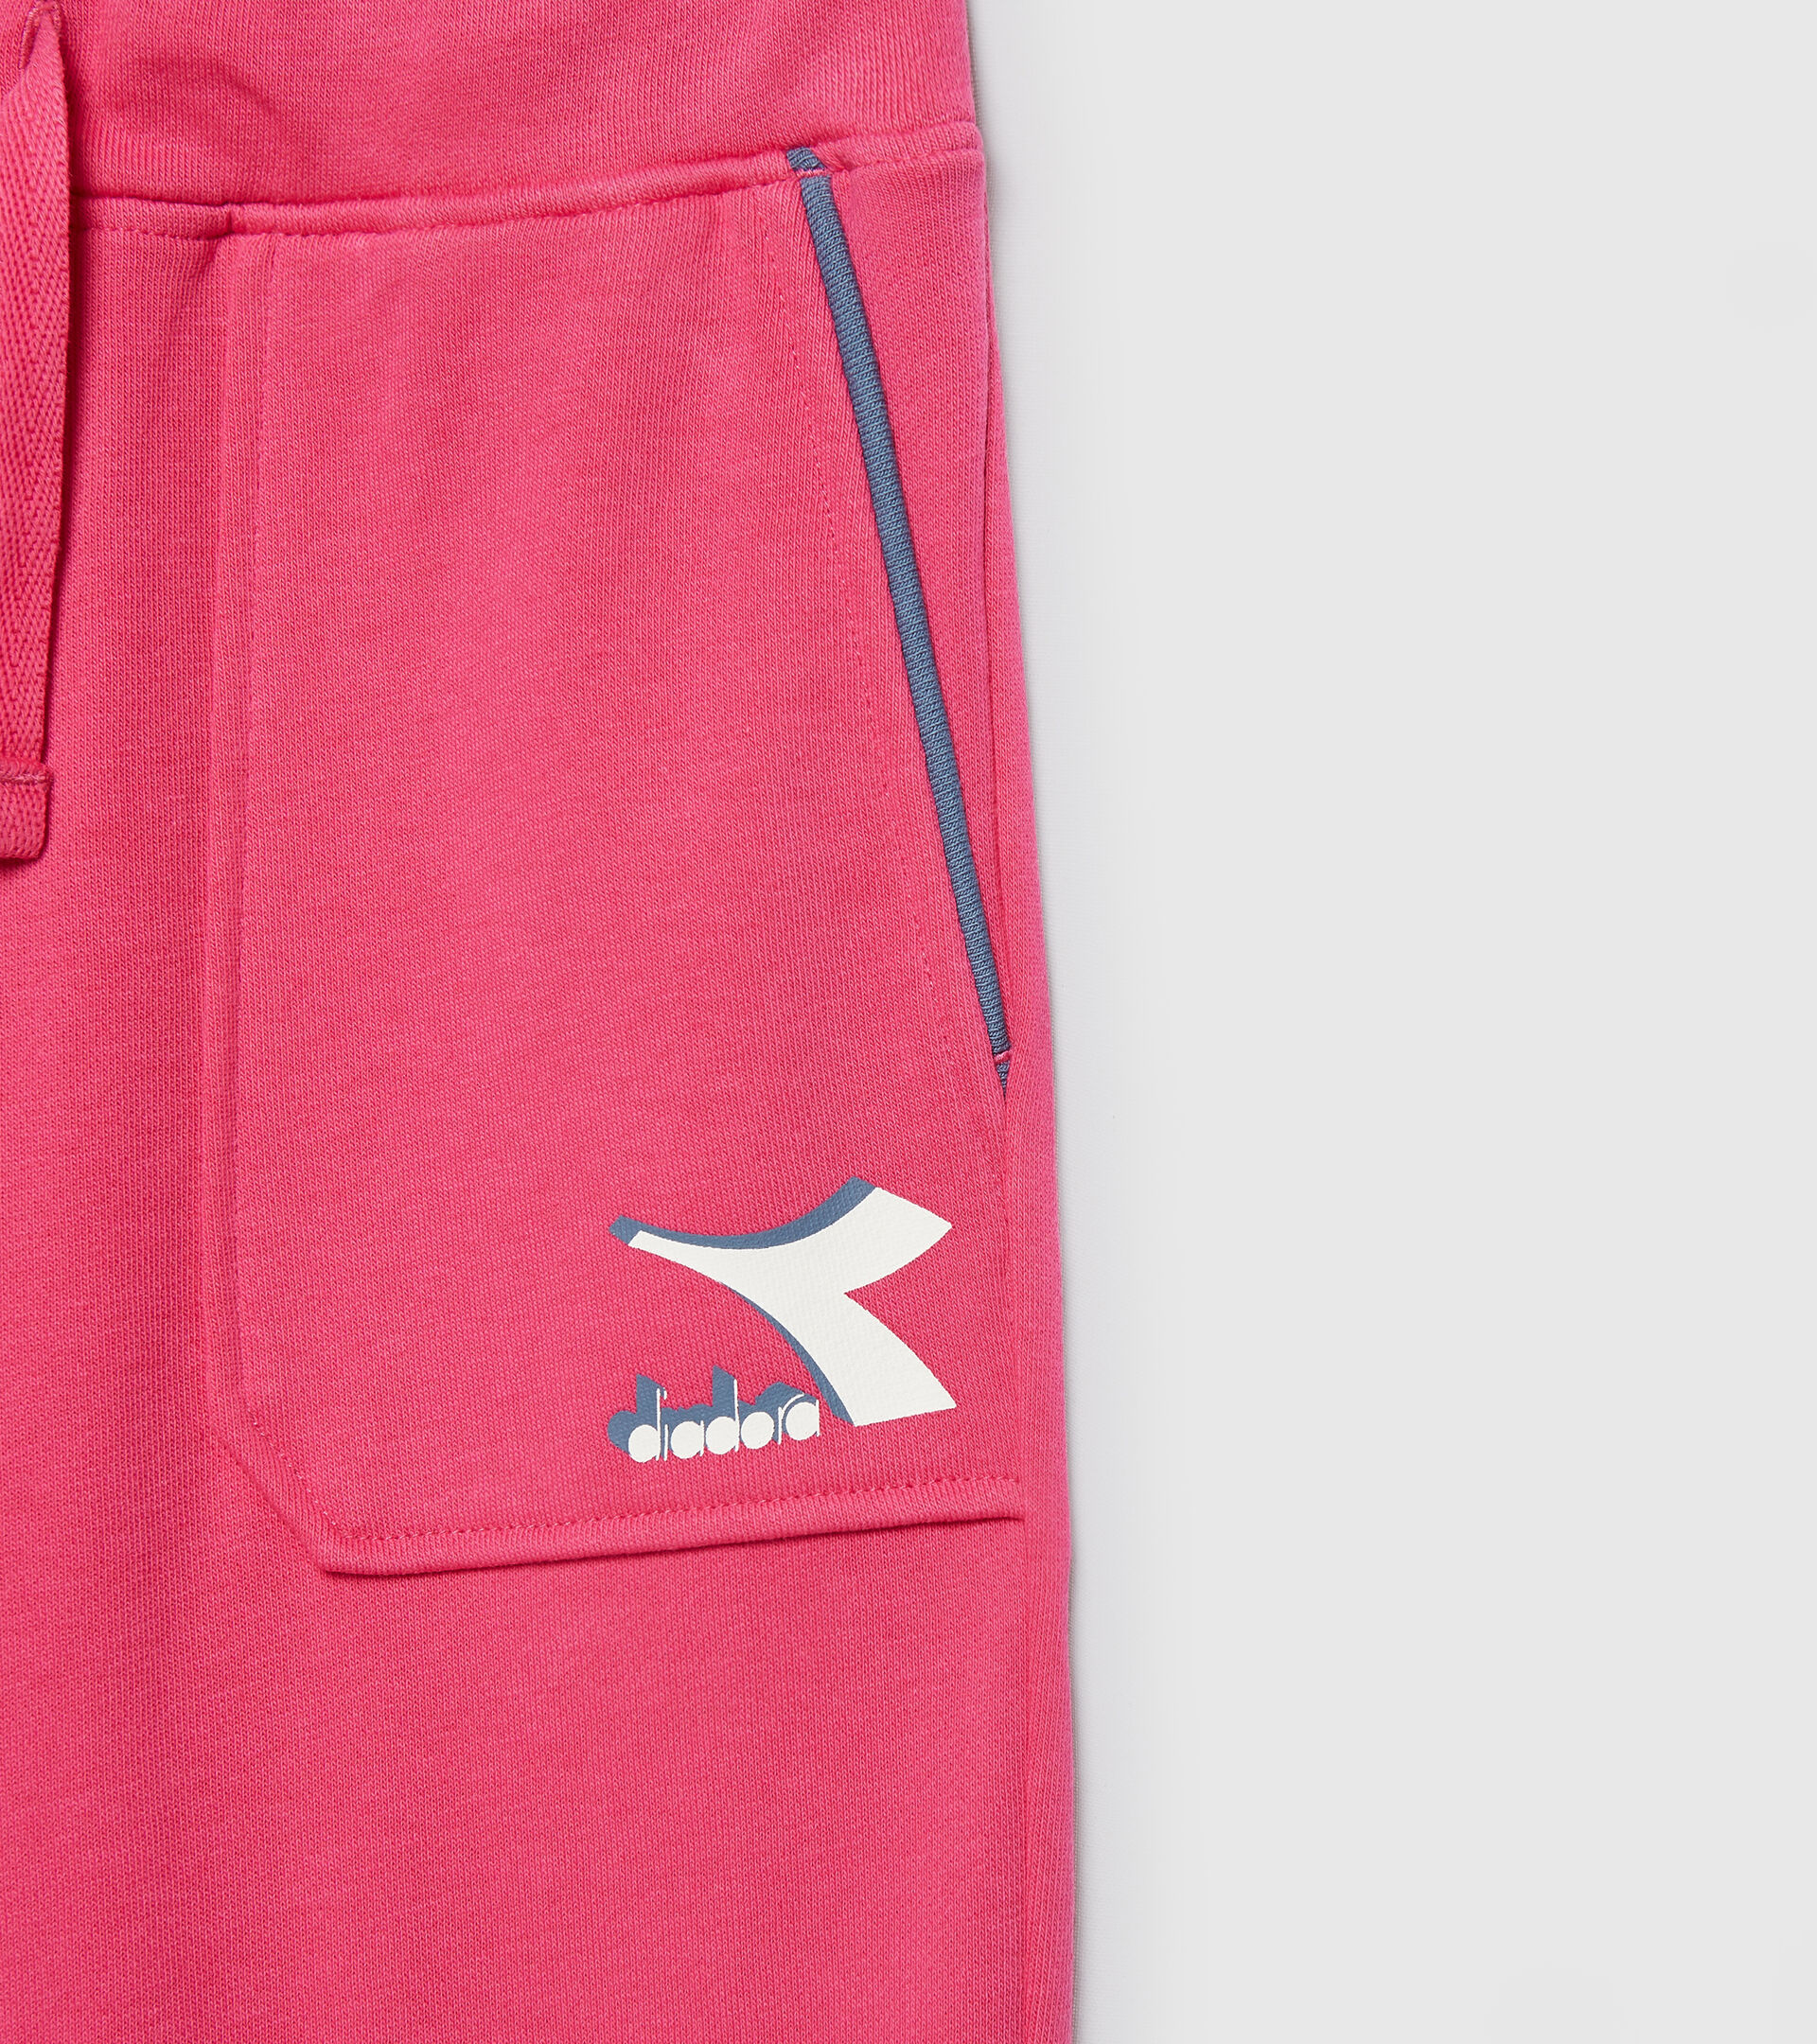 Sporthose - Kinder JU. CUFF PANTS CUBIC MAGENTAROT - Diadora